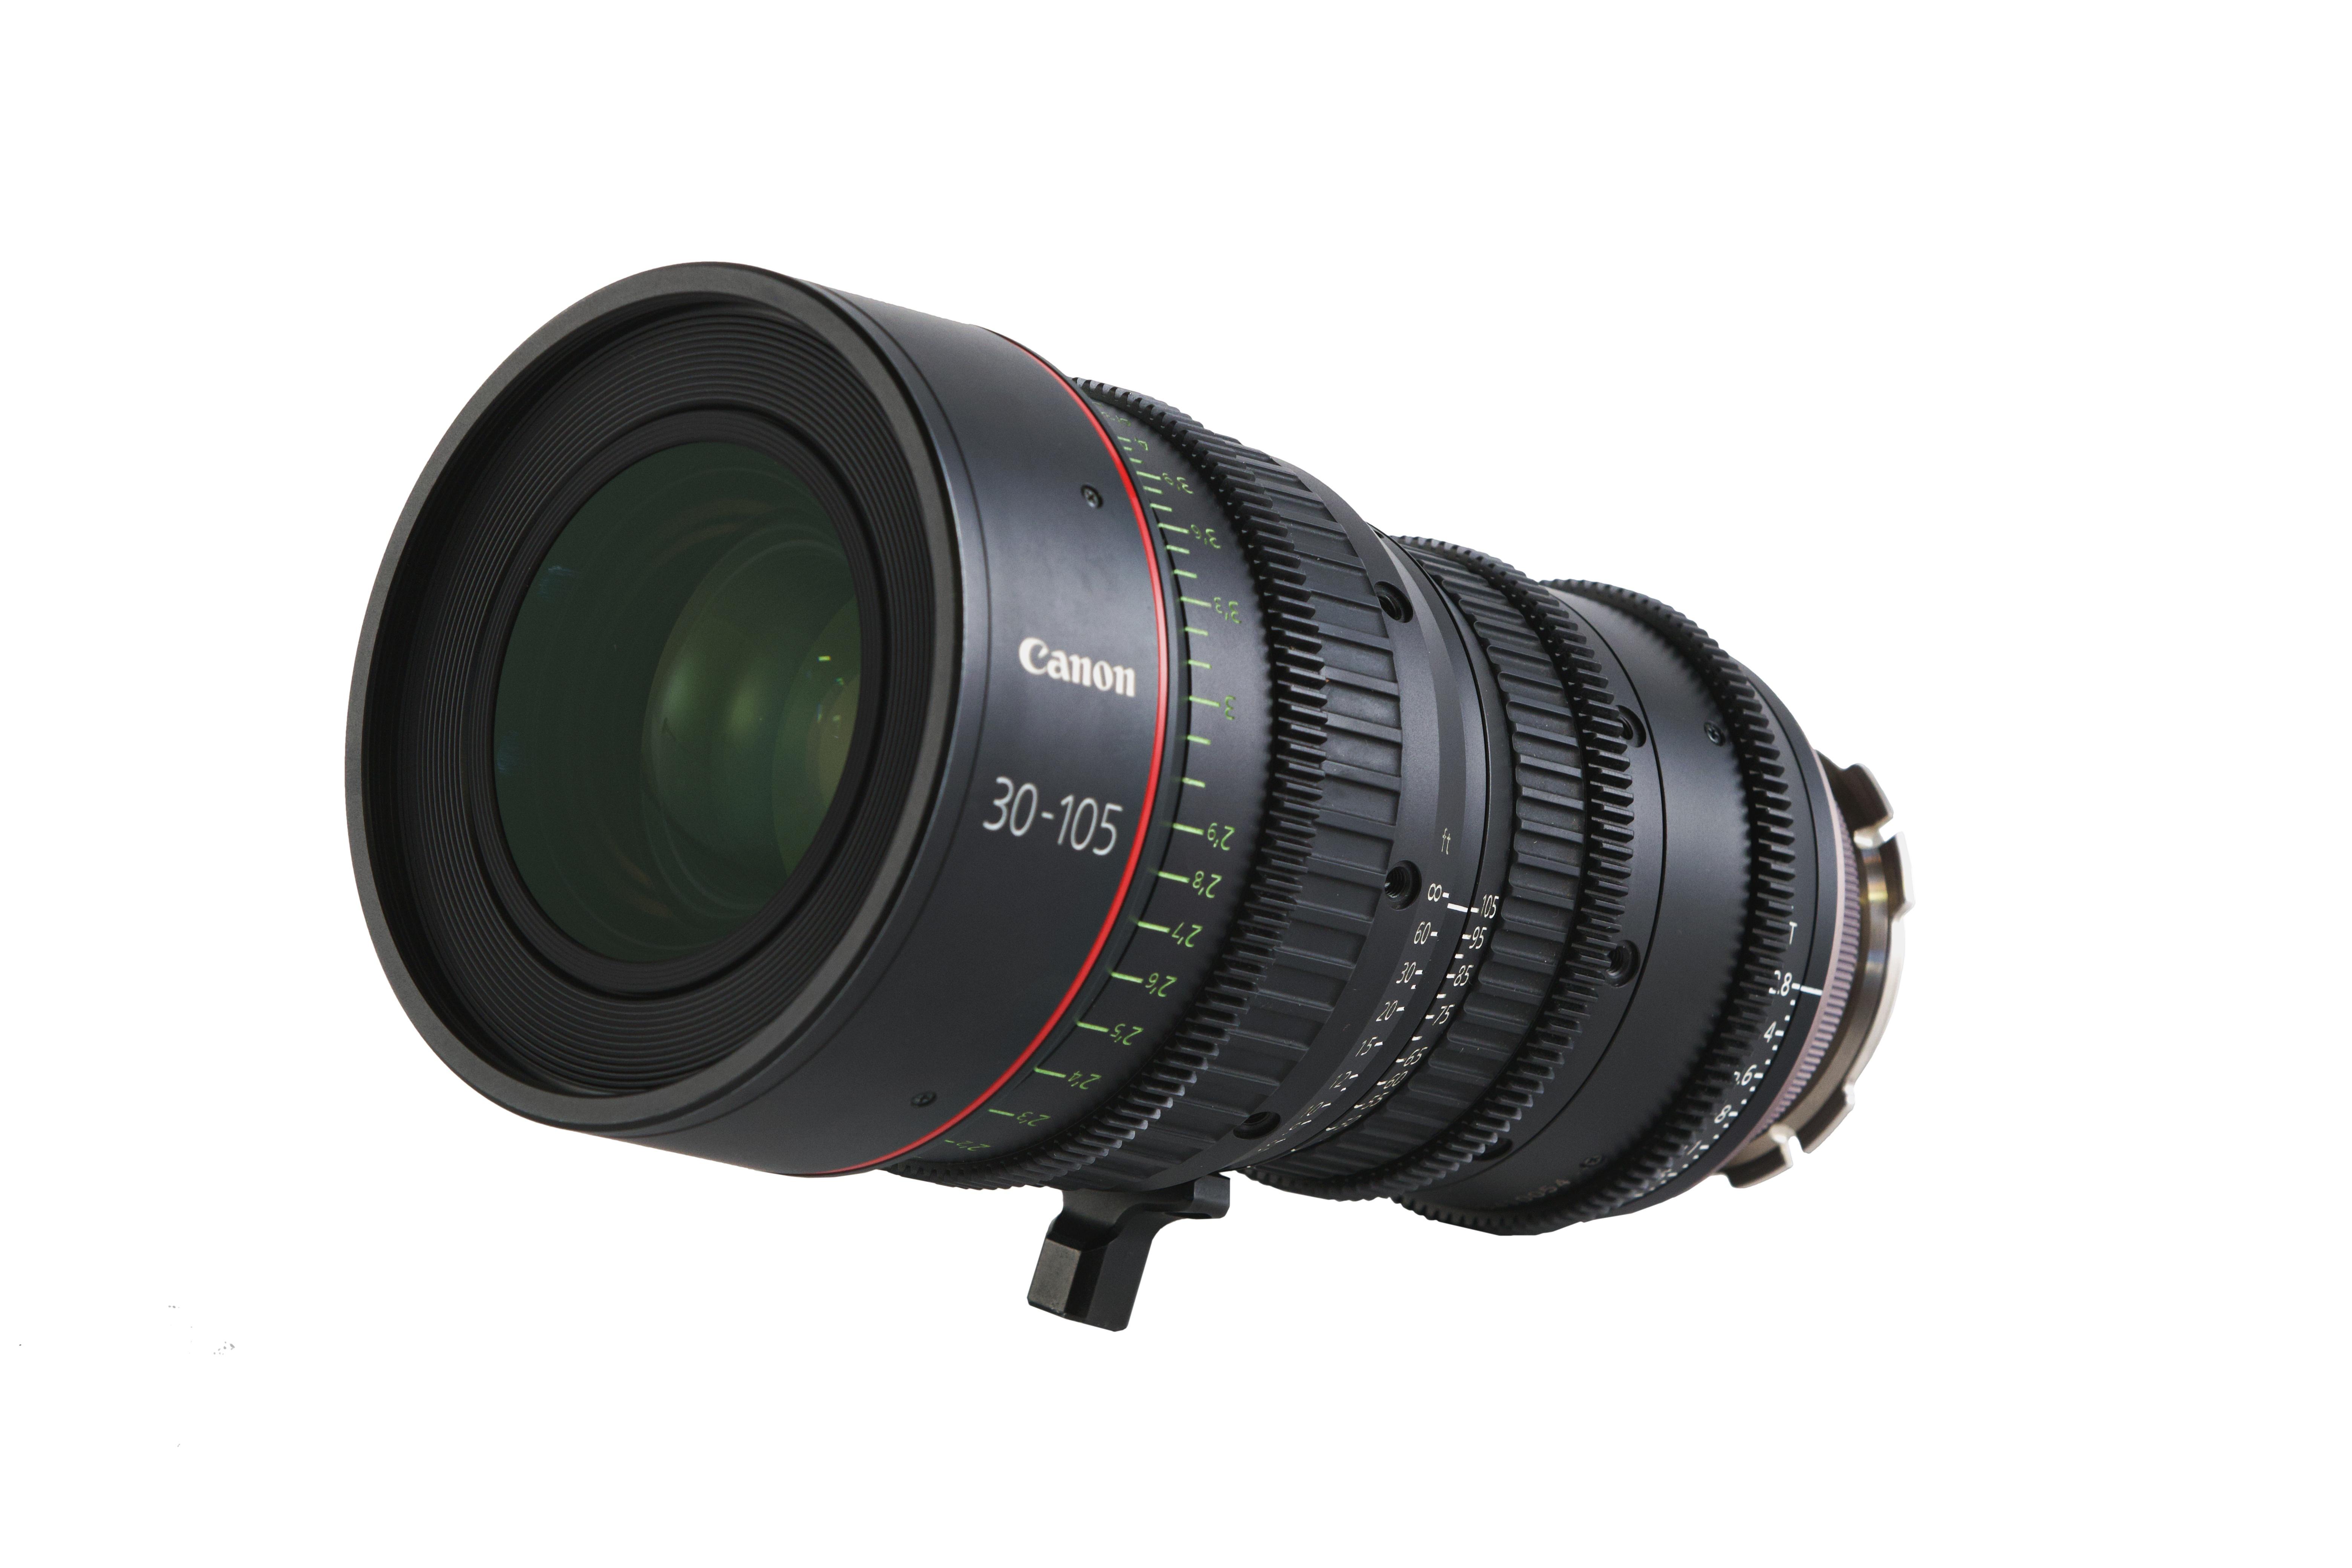 Canon CN-E 30-105mm T2.8 Zoom